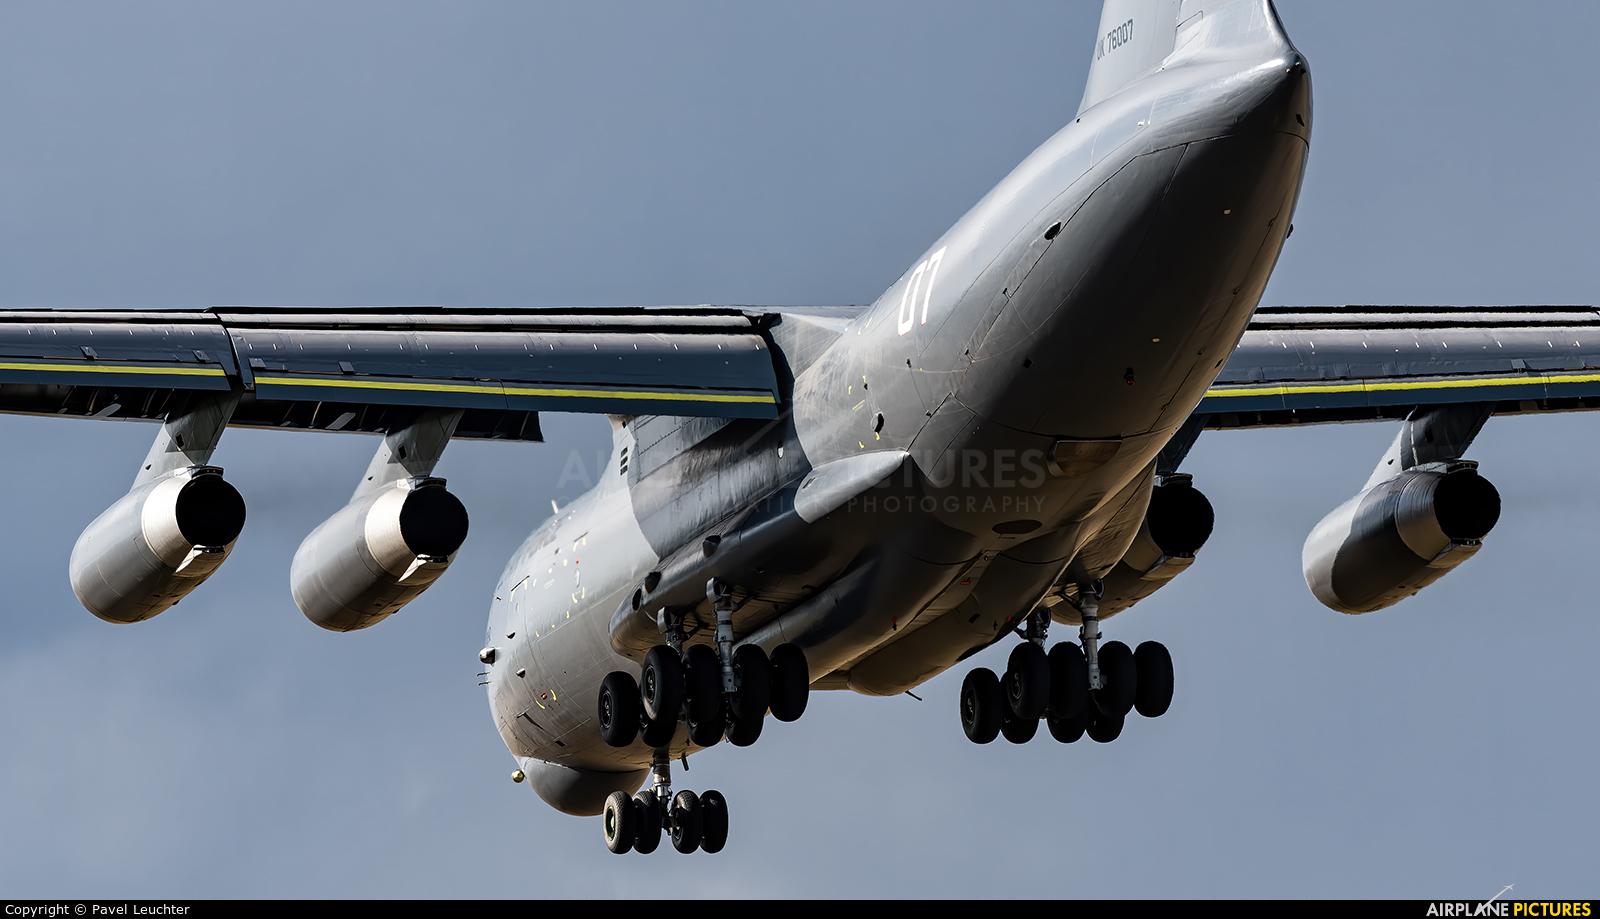 Uzbekistan Air Force UK-76007 aircraft at Pardubice